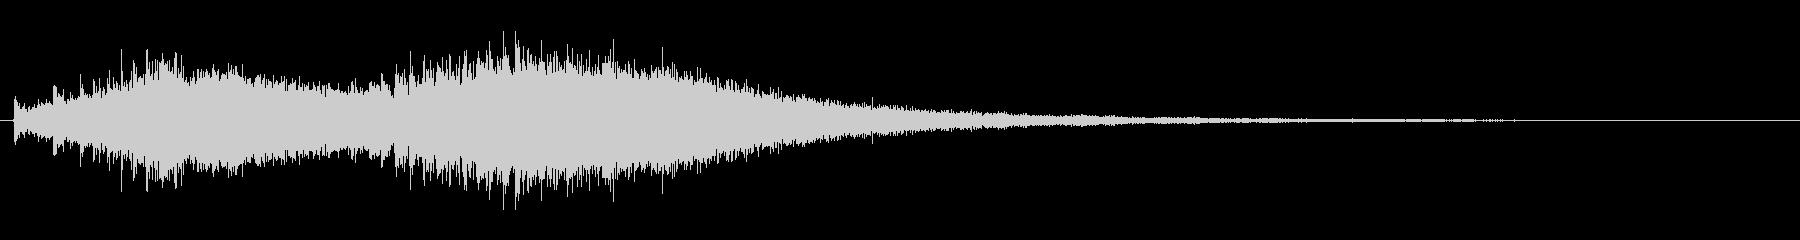 ジャジャジャ〜ン・・・・中国ドラの連打音の未再生の波形